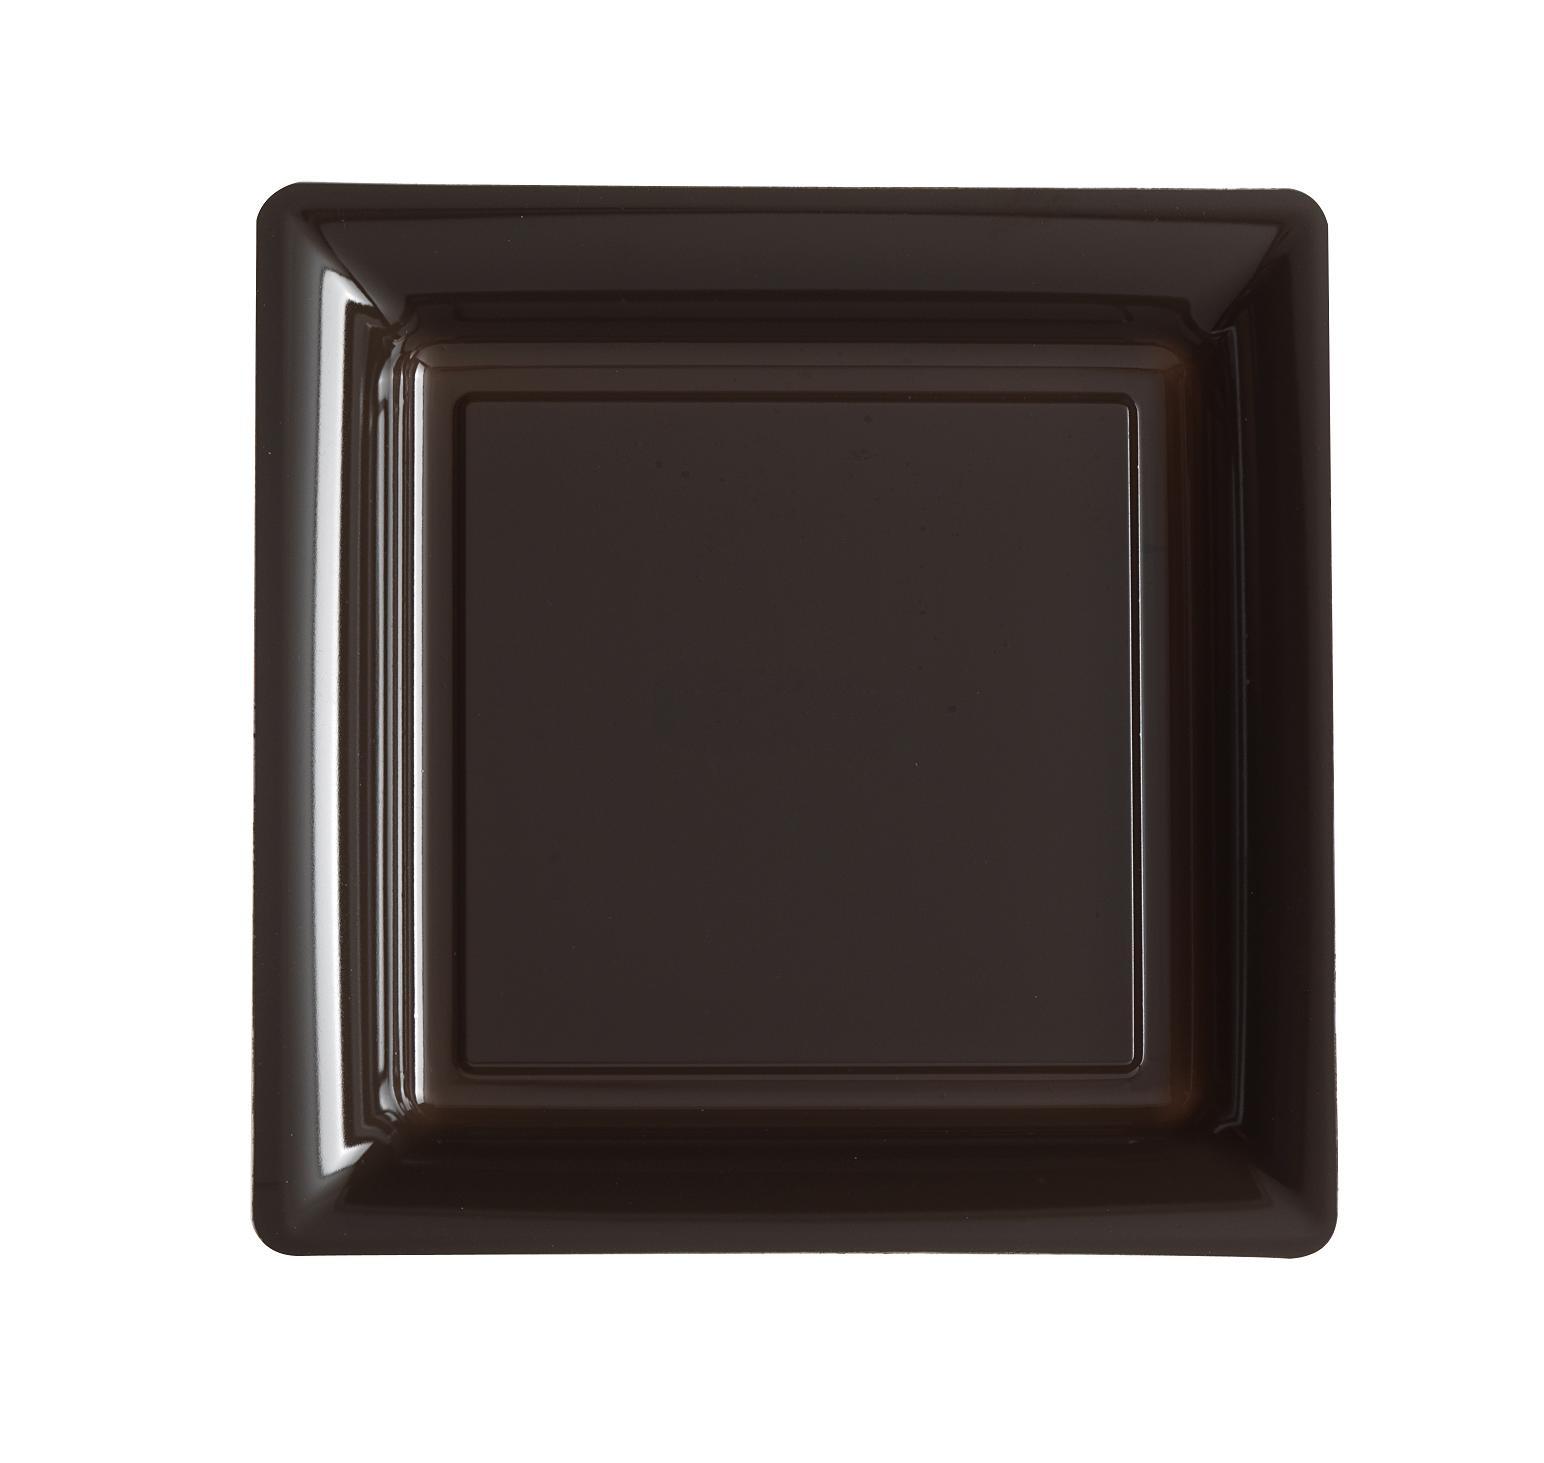 ASSIETTE JETABLE CHOCOLAT 18cm